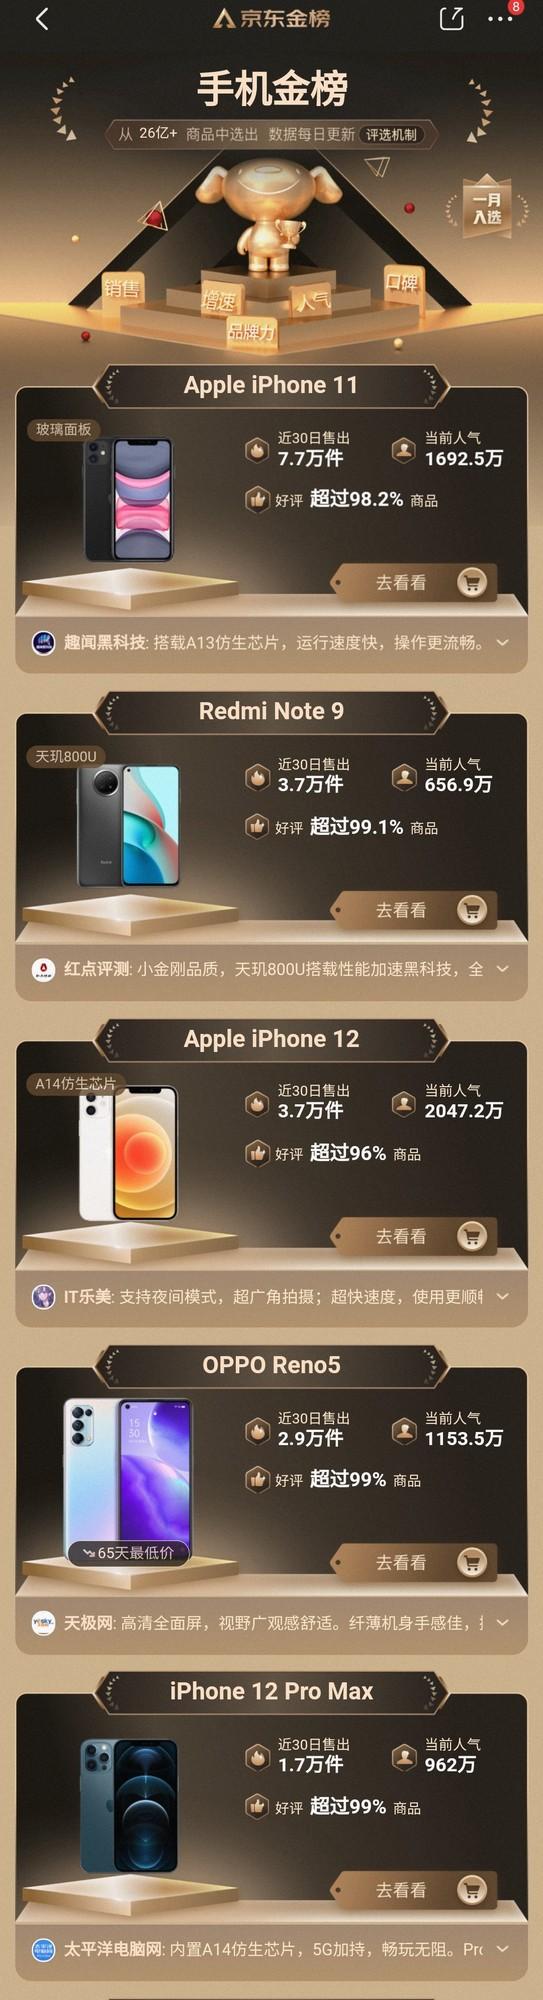 京东金榜最受欢迎的五款手机:4G手机称王